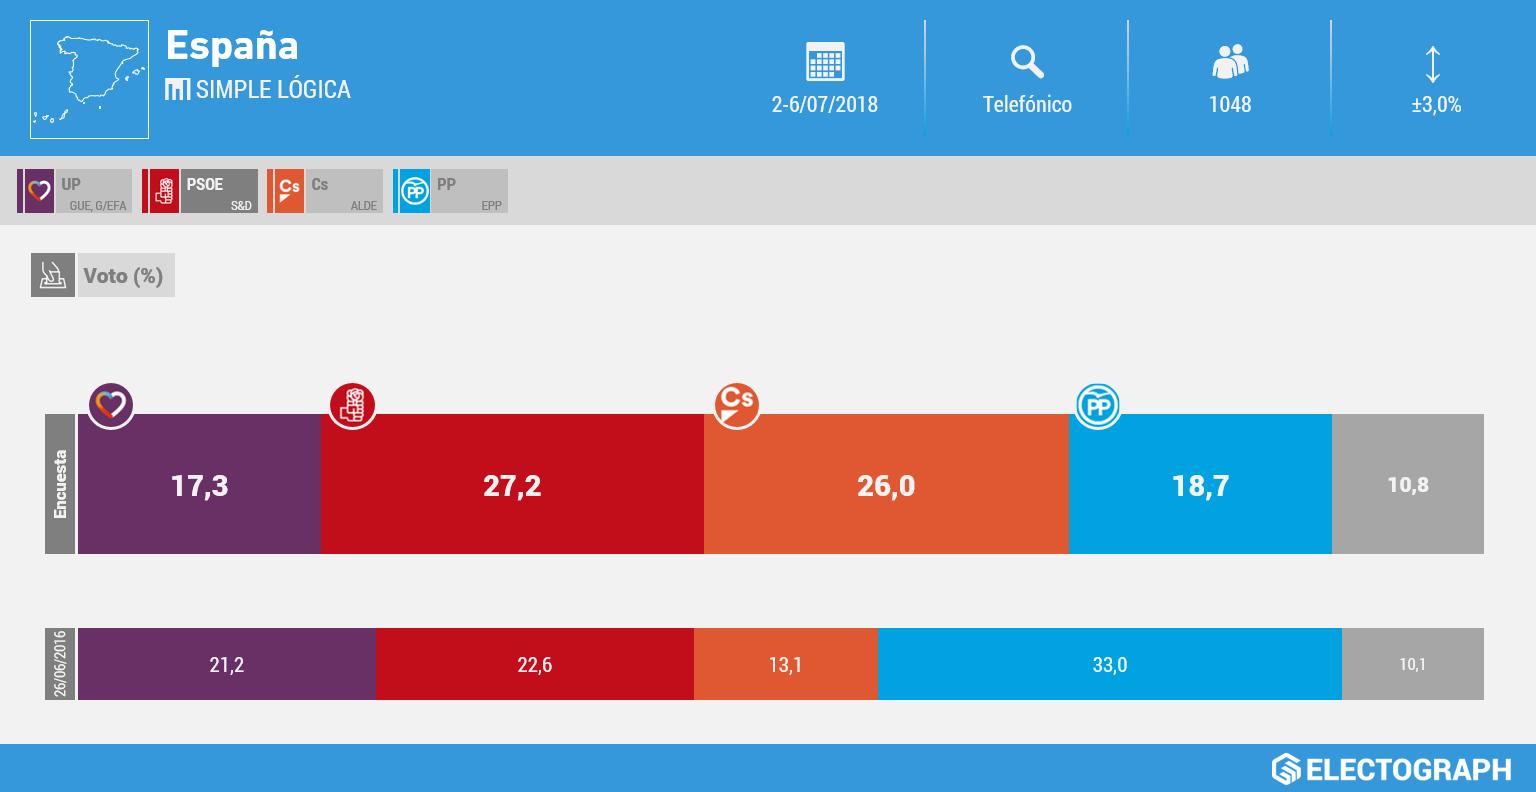 Gráfico de la encuesta para elecciones generales en España realizada por Simple Lógica en julio de 2018